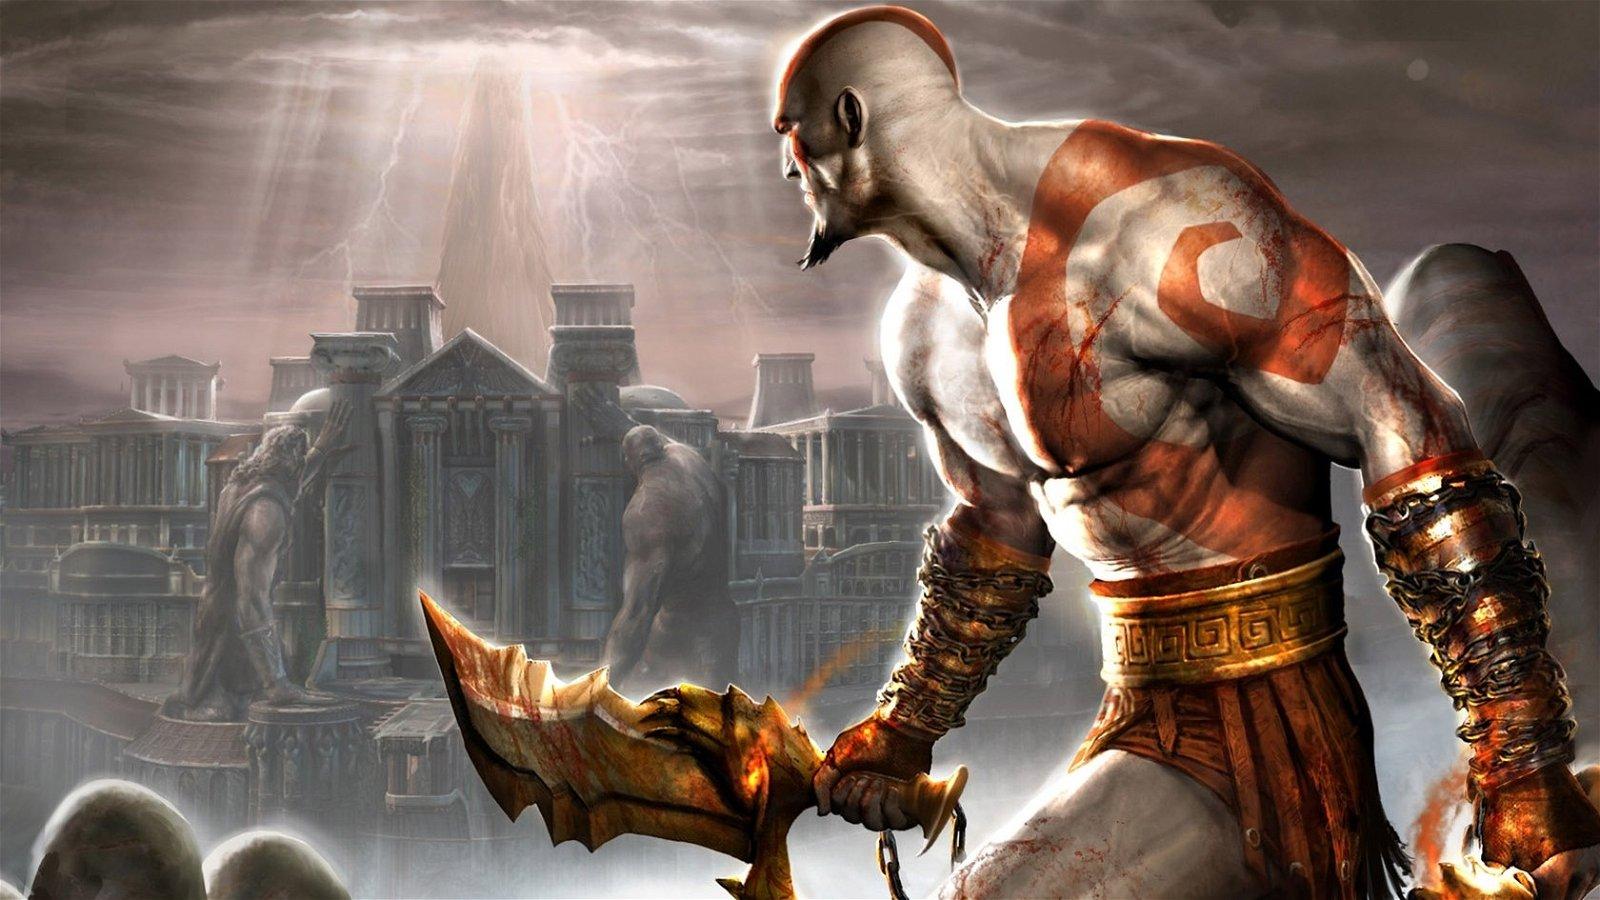 Los mejores guerreros de los videojuegos